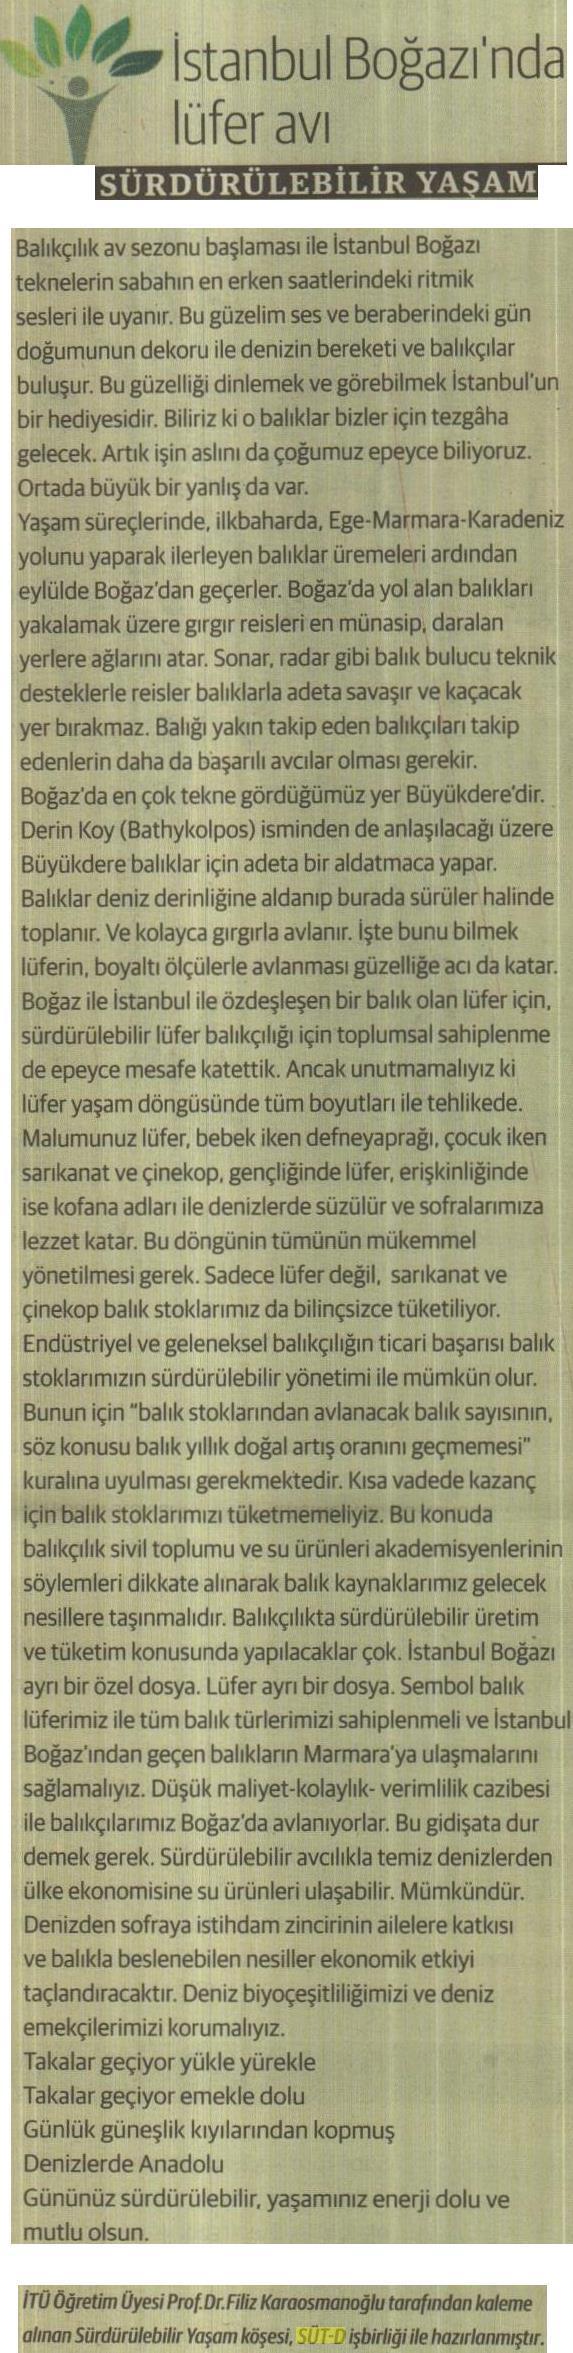 İstanbul Boğazı'nda lufer avı Sürdürülebilir Yaşam 16.09.2015